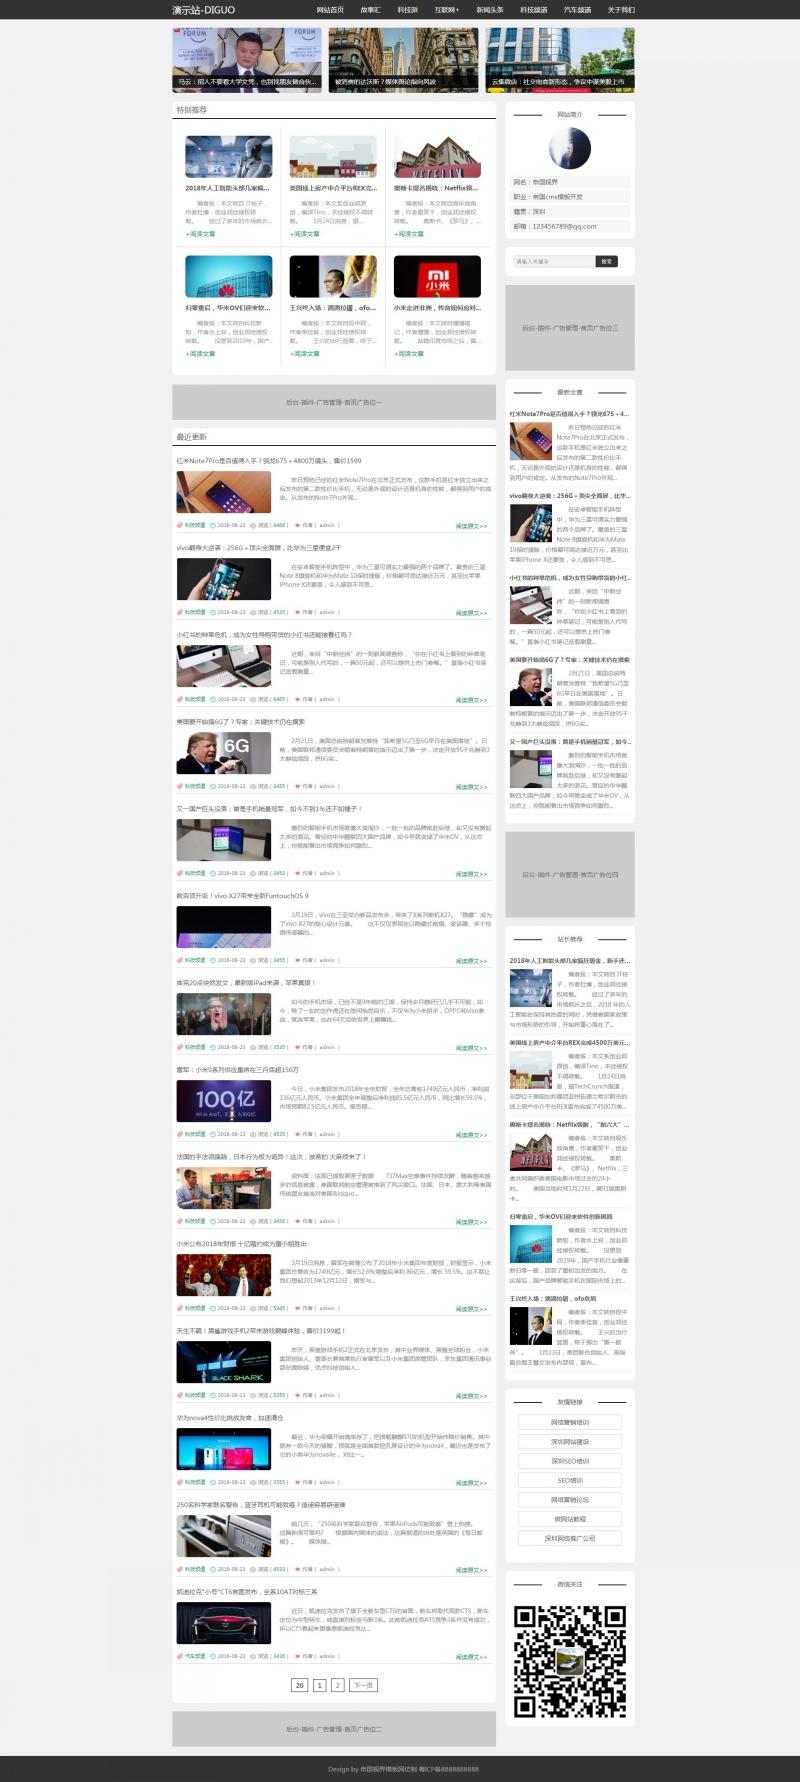 网站首页.jpg [DG-024]帝国CMS简约黑色个人博客模板自适应手机新闻资讯模板 博客文章 第1张